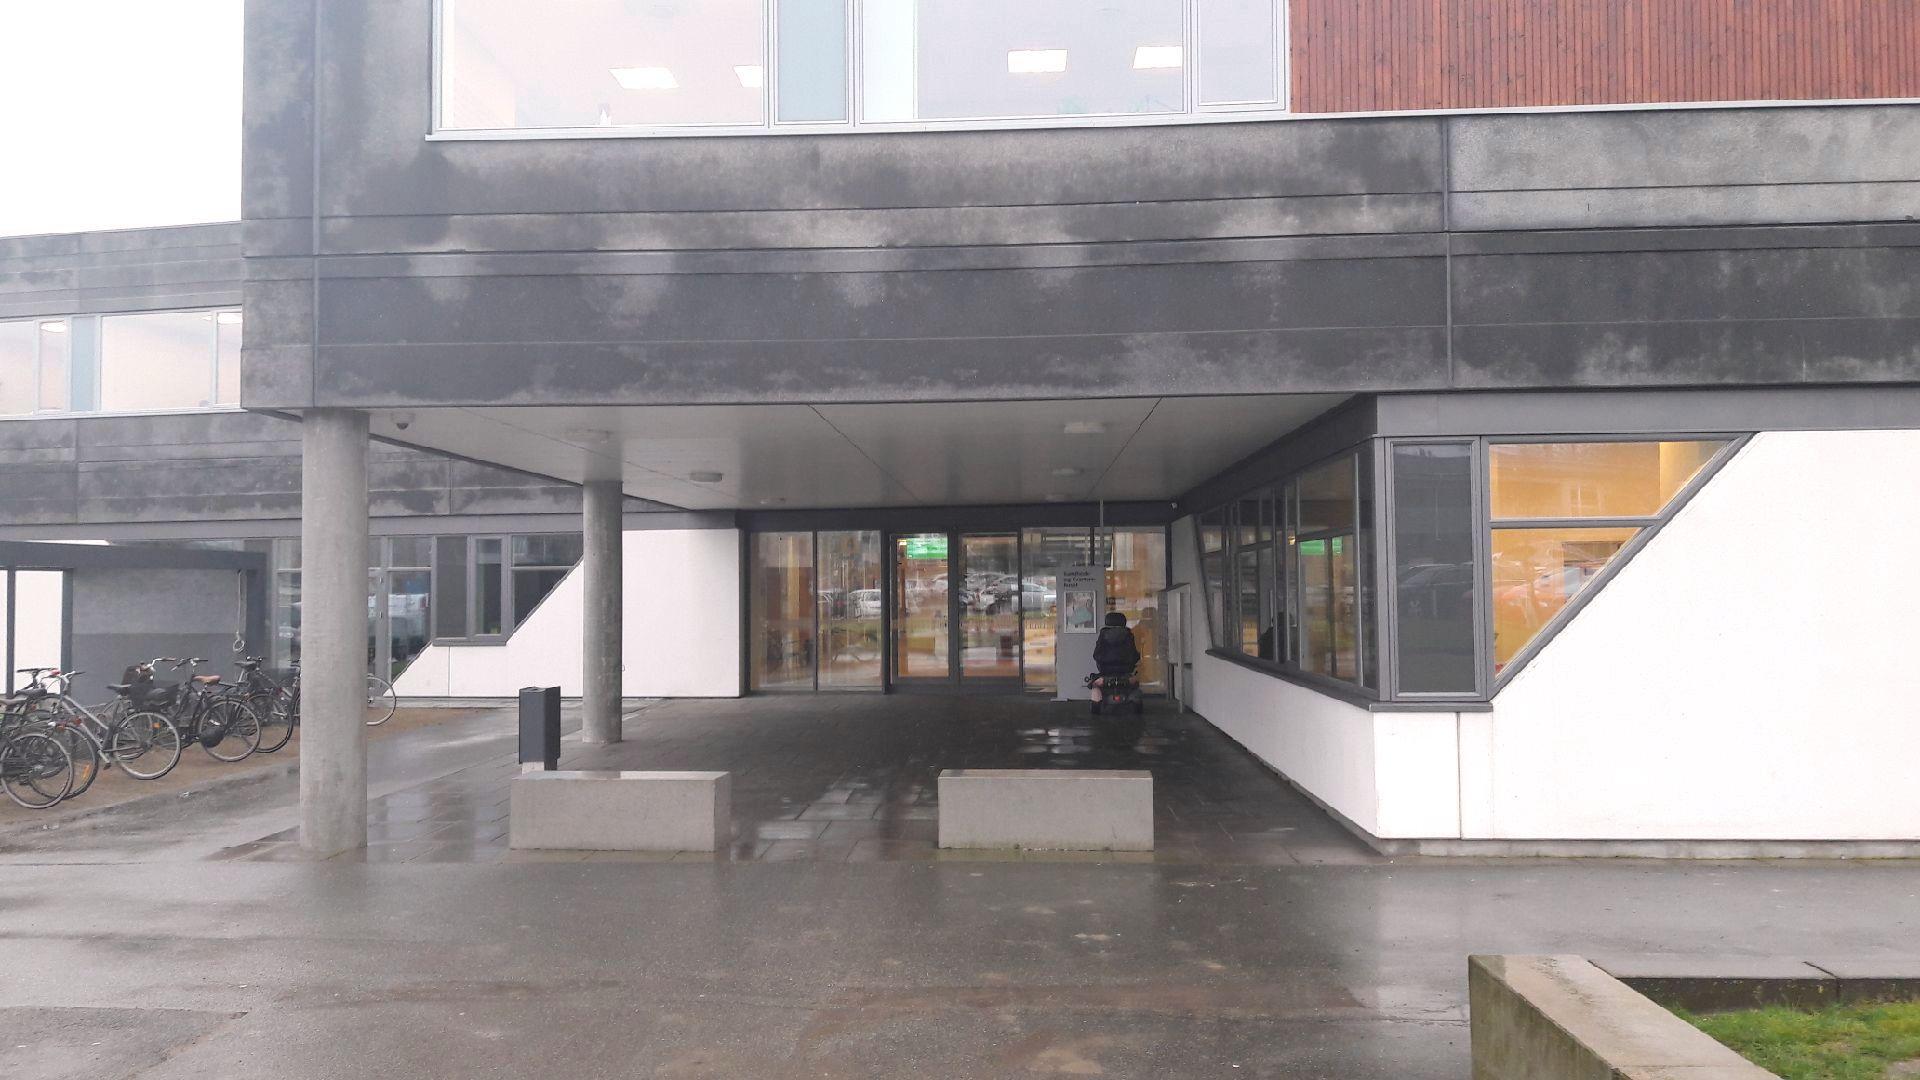 Aalborg Øst Politikontor er en del af Nordjyllands Politi. Lokalerne bruges af lokalpoliti, som arbejder med forebyggelse.